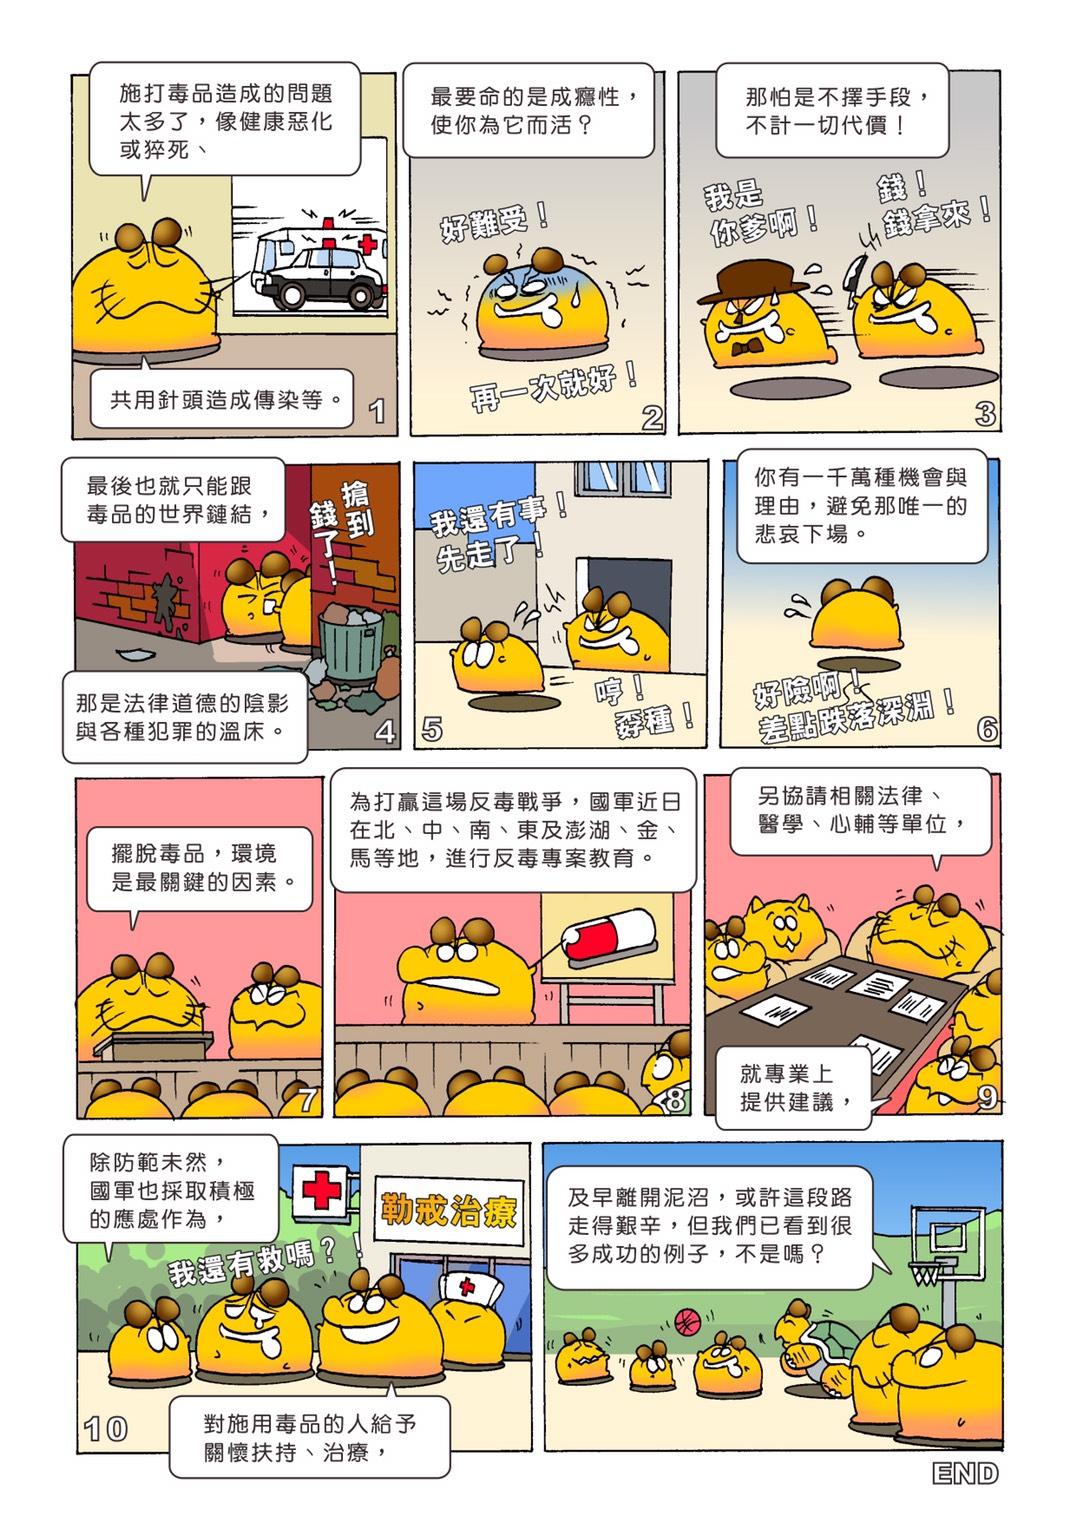 國防Online漫畫05期01_拒絕誘惑,守護人生02.jpg